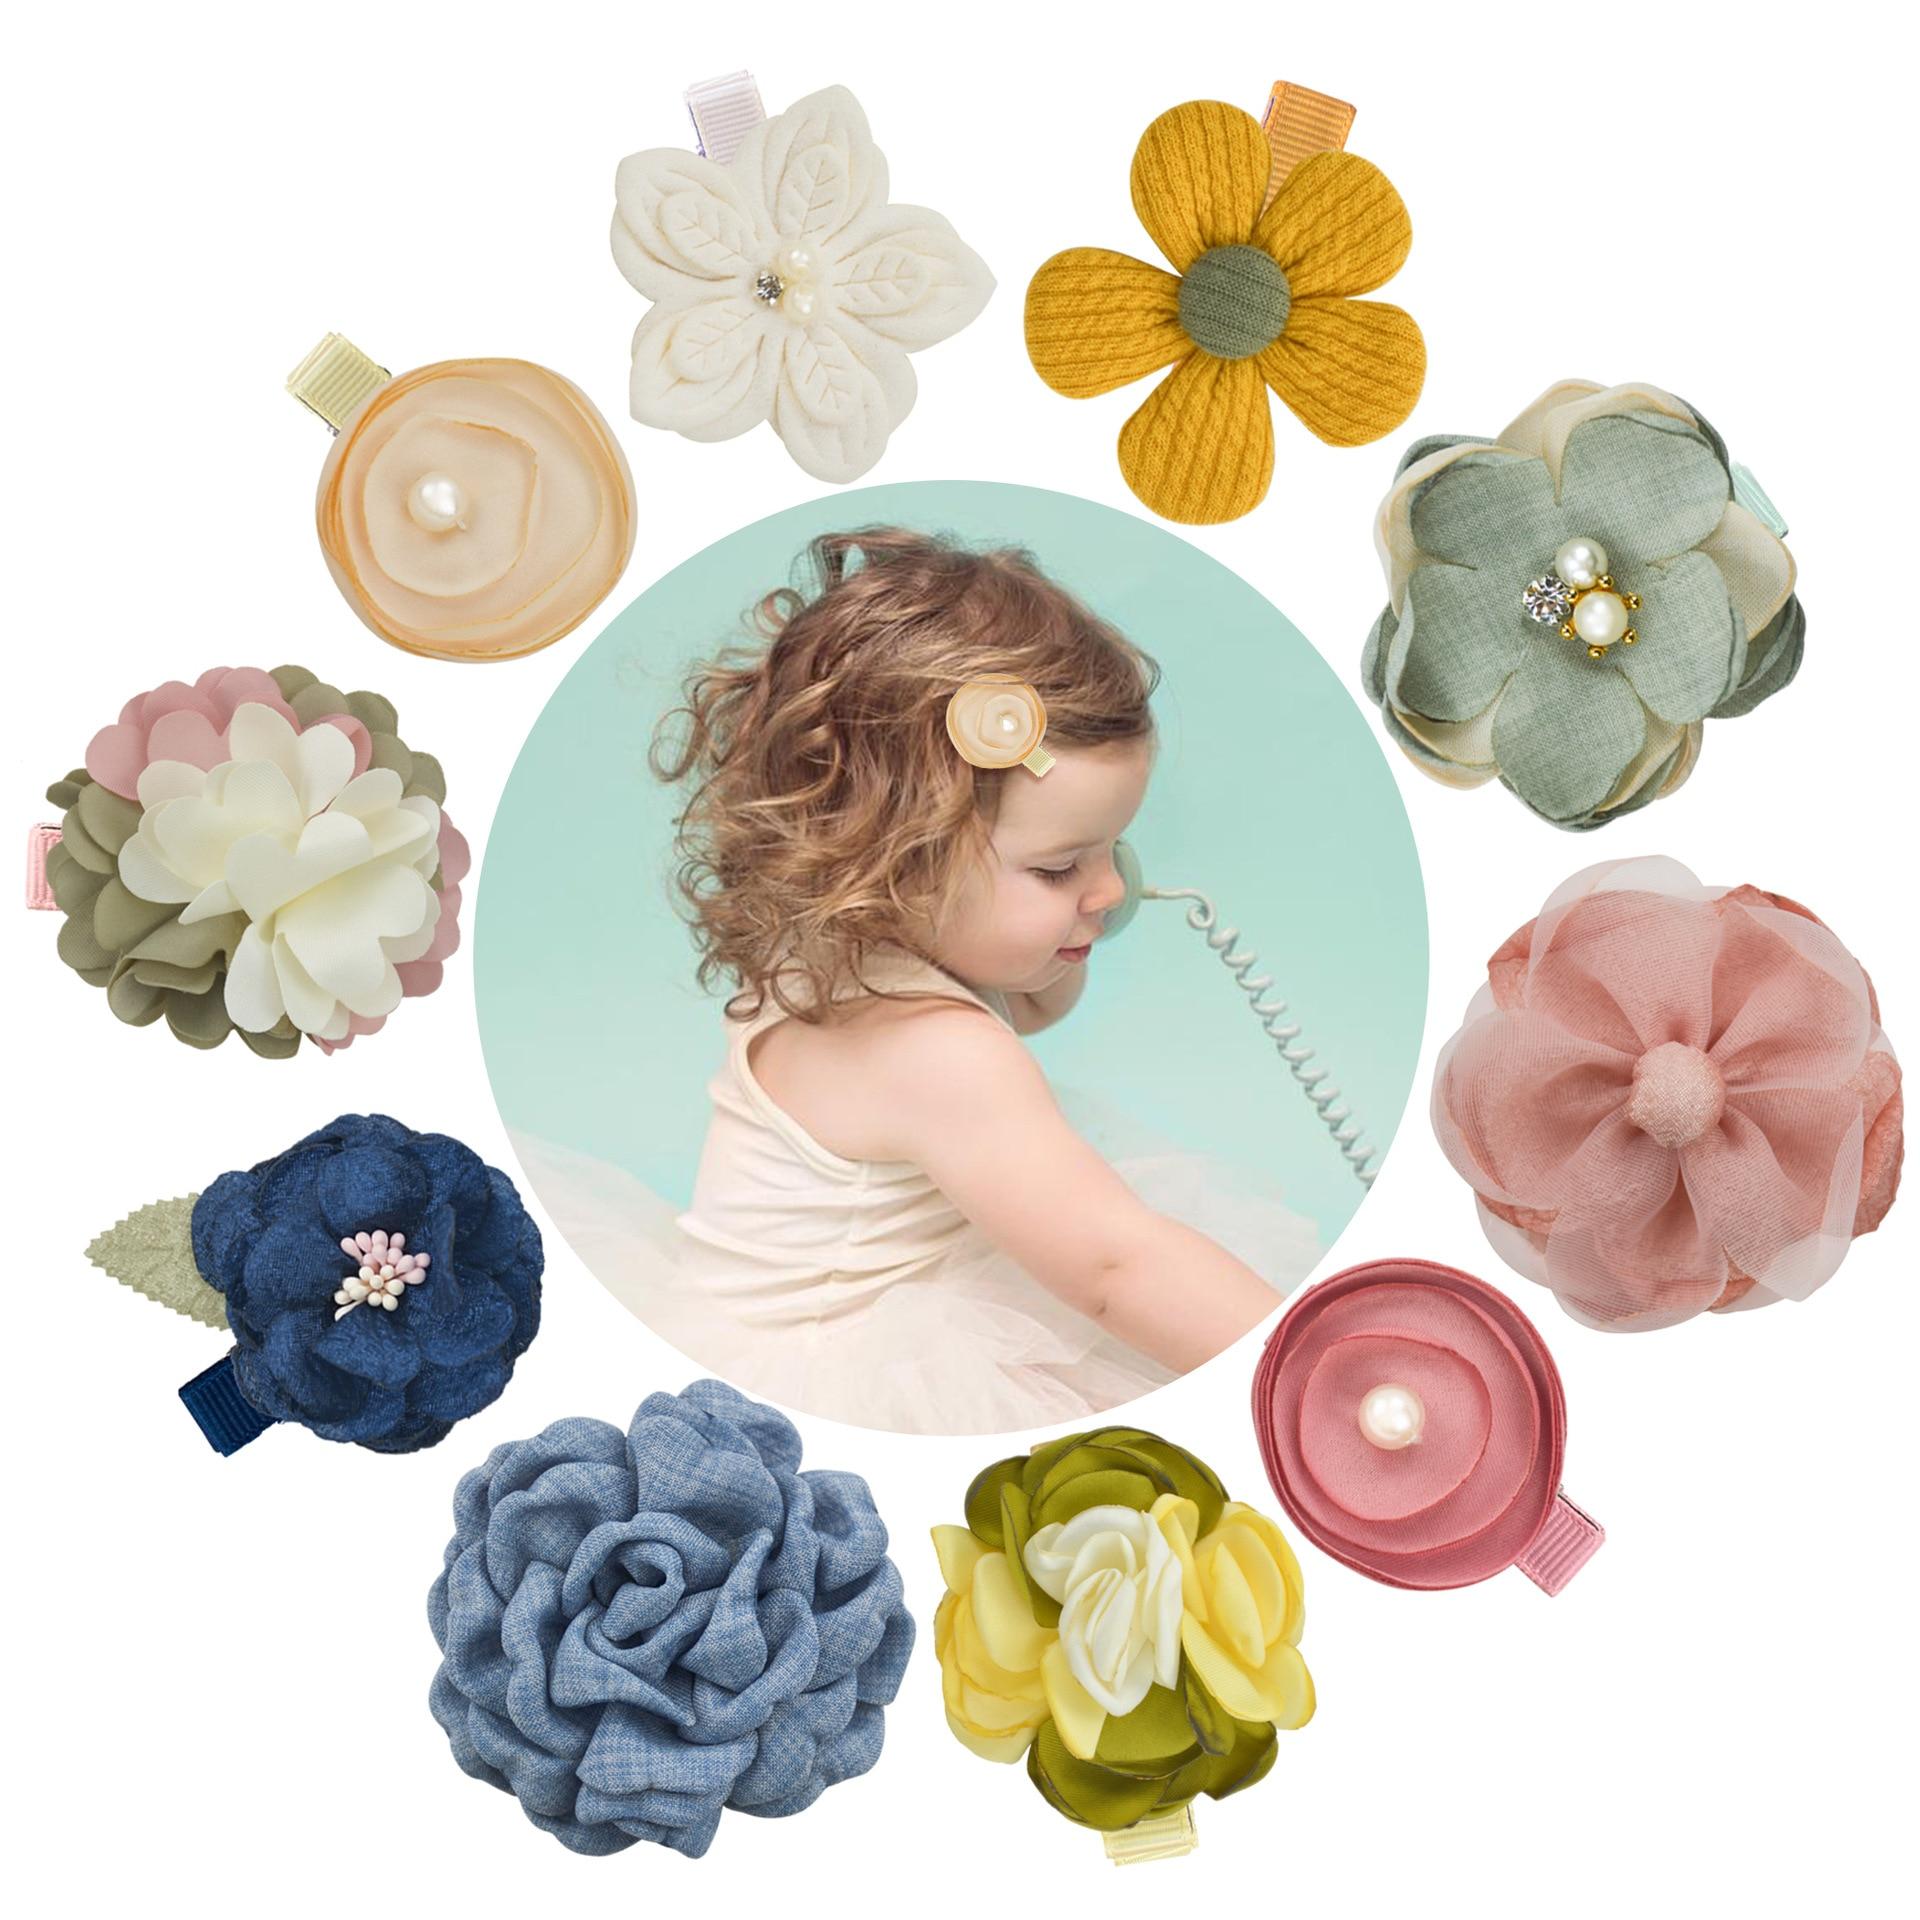 Детские заколки для волос, детские шпильки с жемчугом, сетчатые заколки для волос для девочек, аксессуары для волос на весну и лето, корейски...